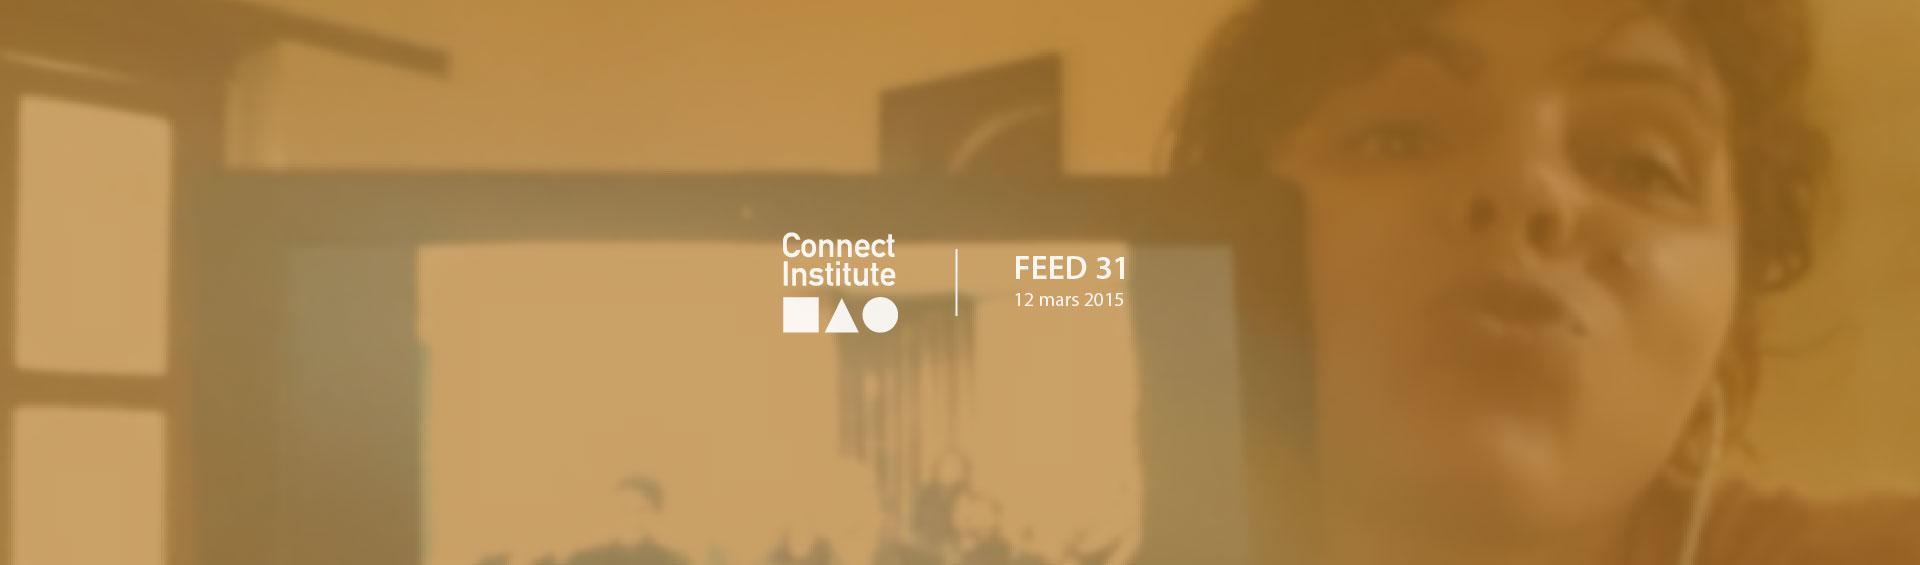 FEED 31